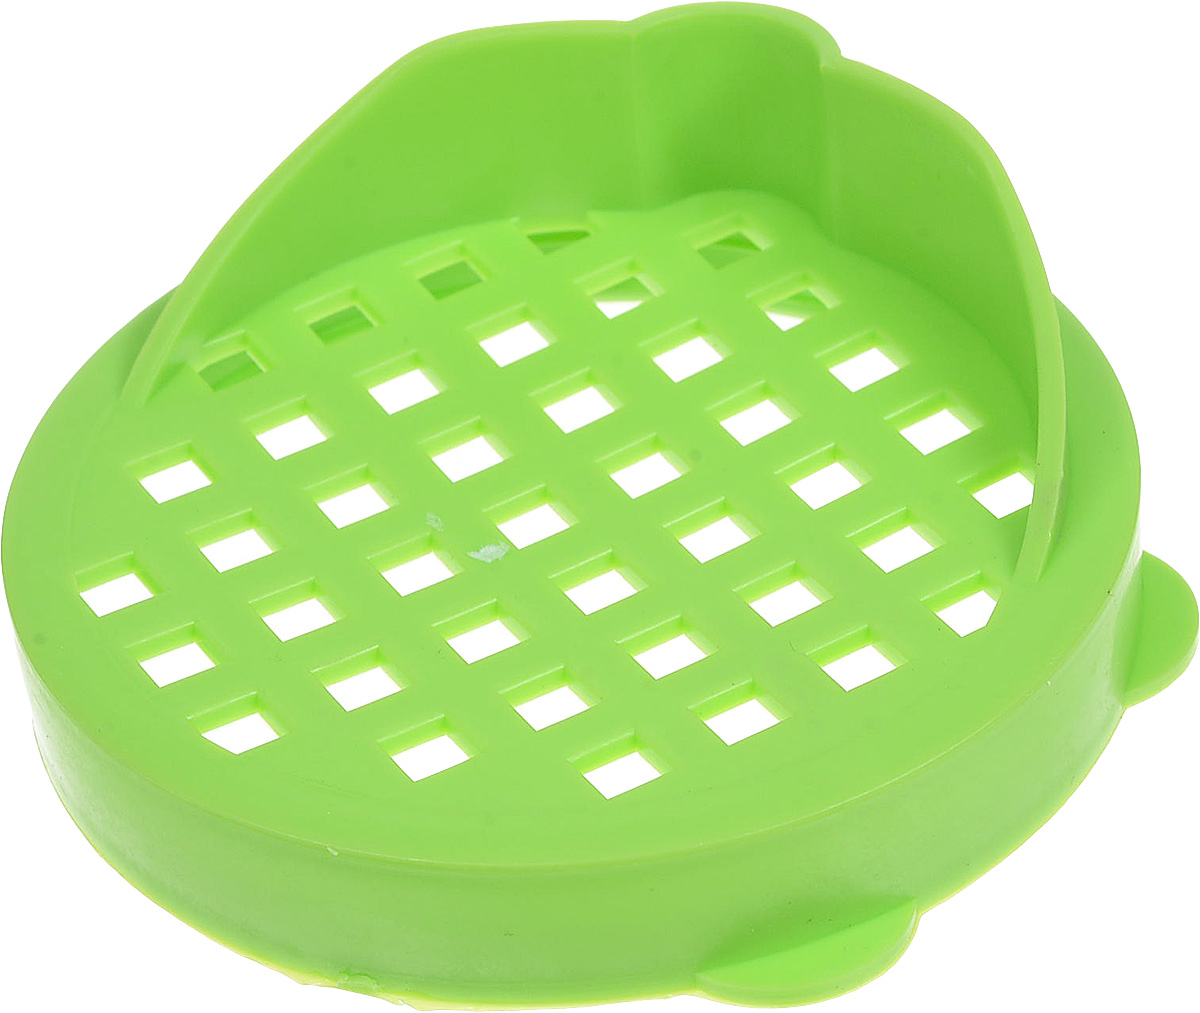 Крышка для слива банок Альтернатива, цвет: салатовый ящик универсальный альтернатива раскладной цвет салатовый 38 5 х 25 5 х 21 см